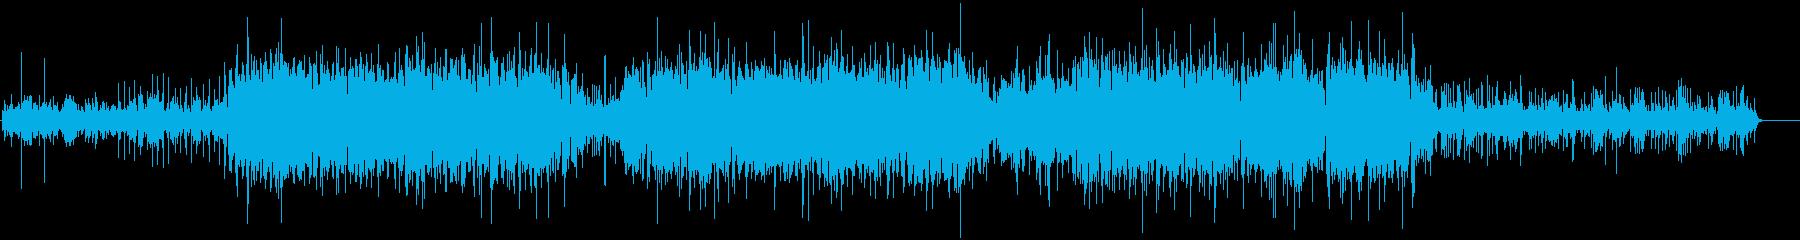 電子/ニューエイジ楽器。好奇心の強...の再生済みの波形